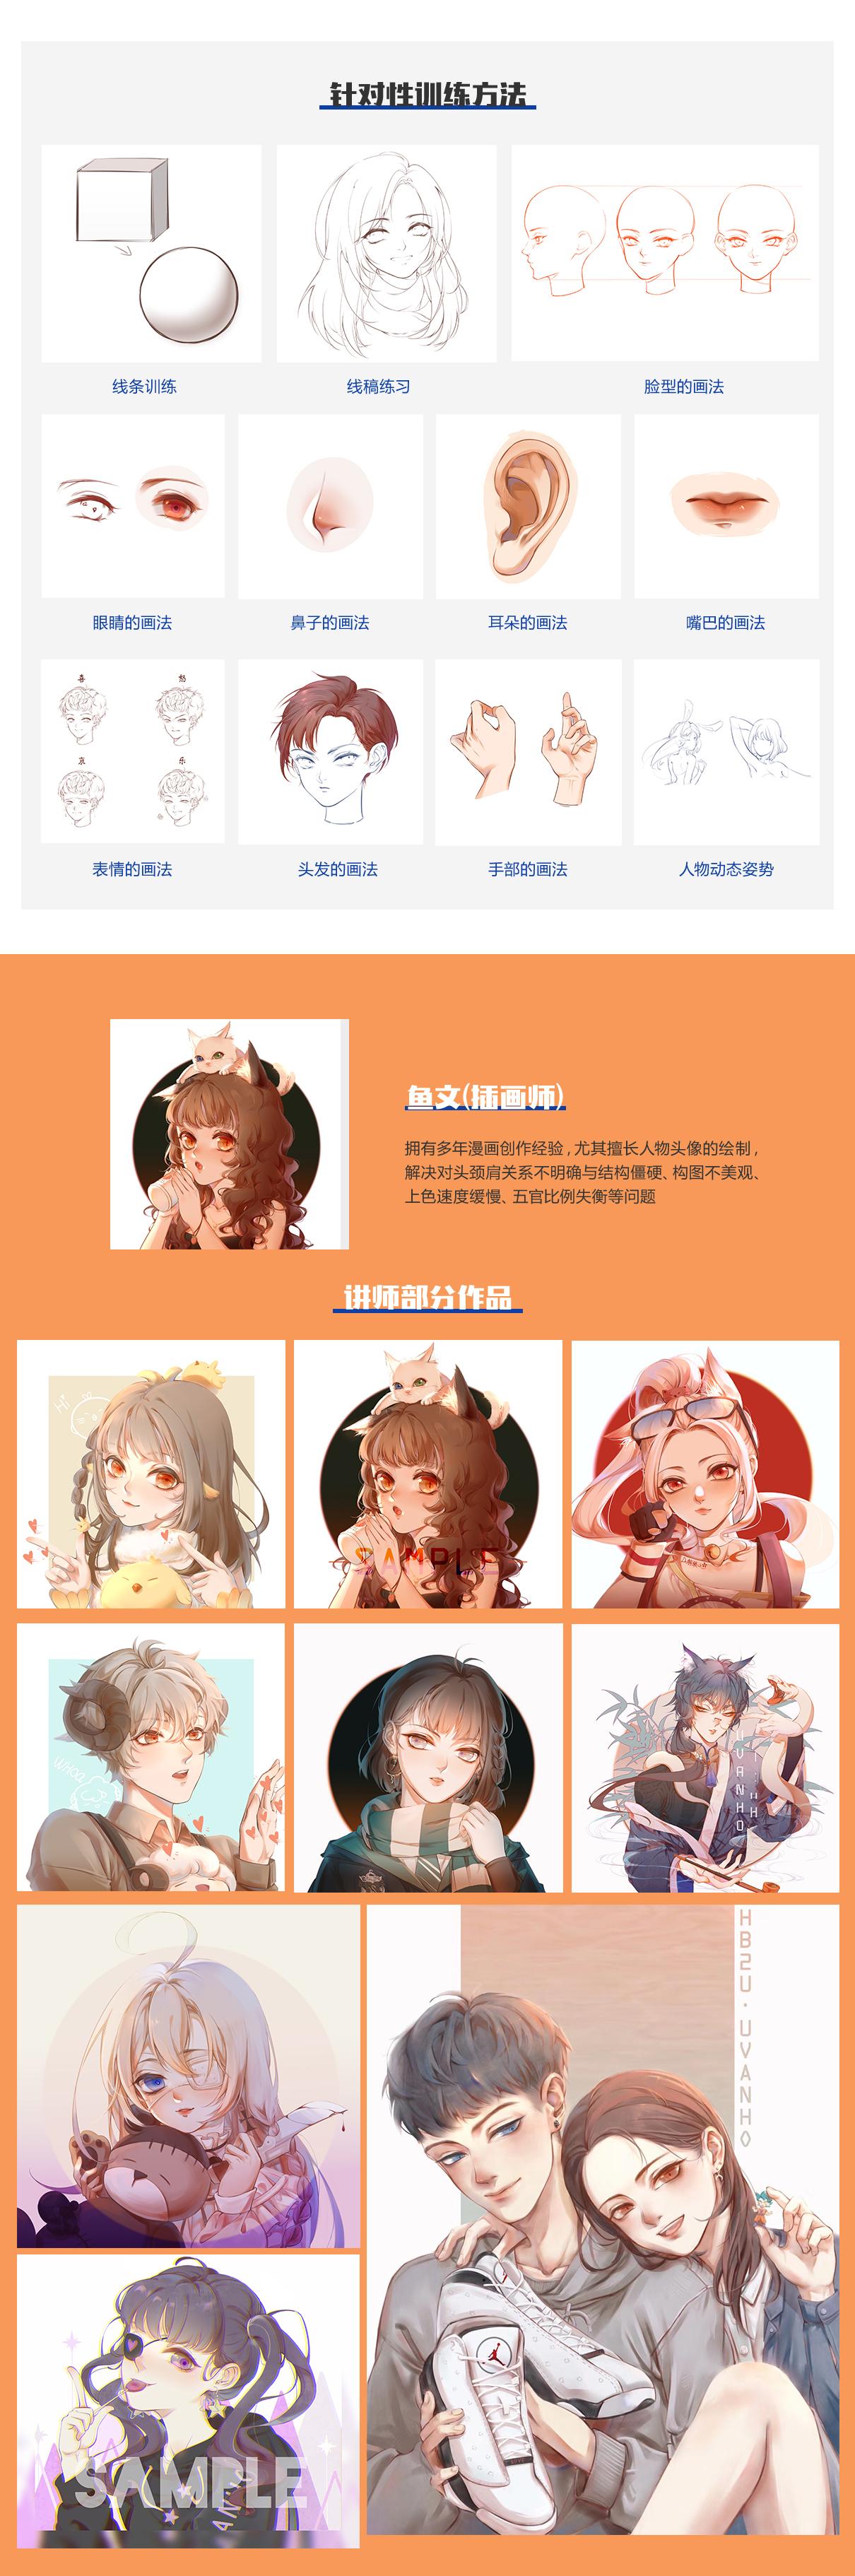 海報封面圖_02.jpg